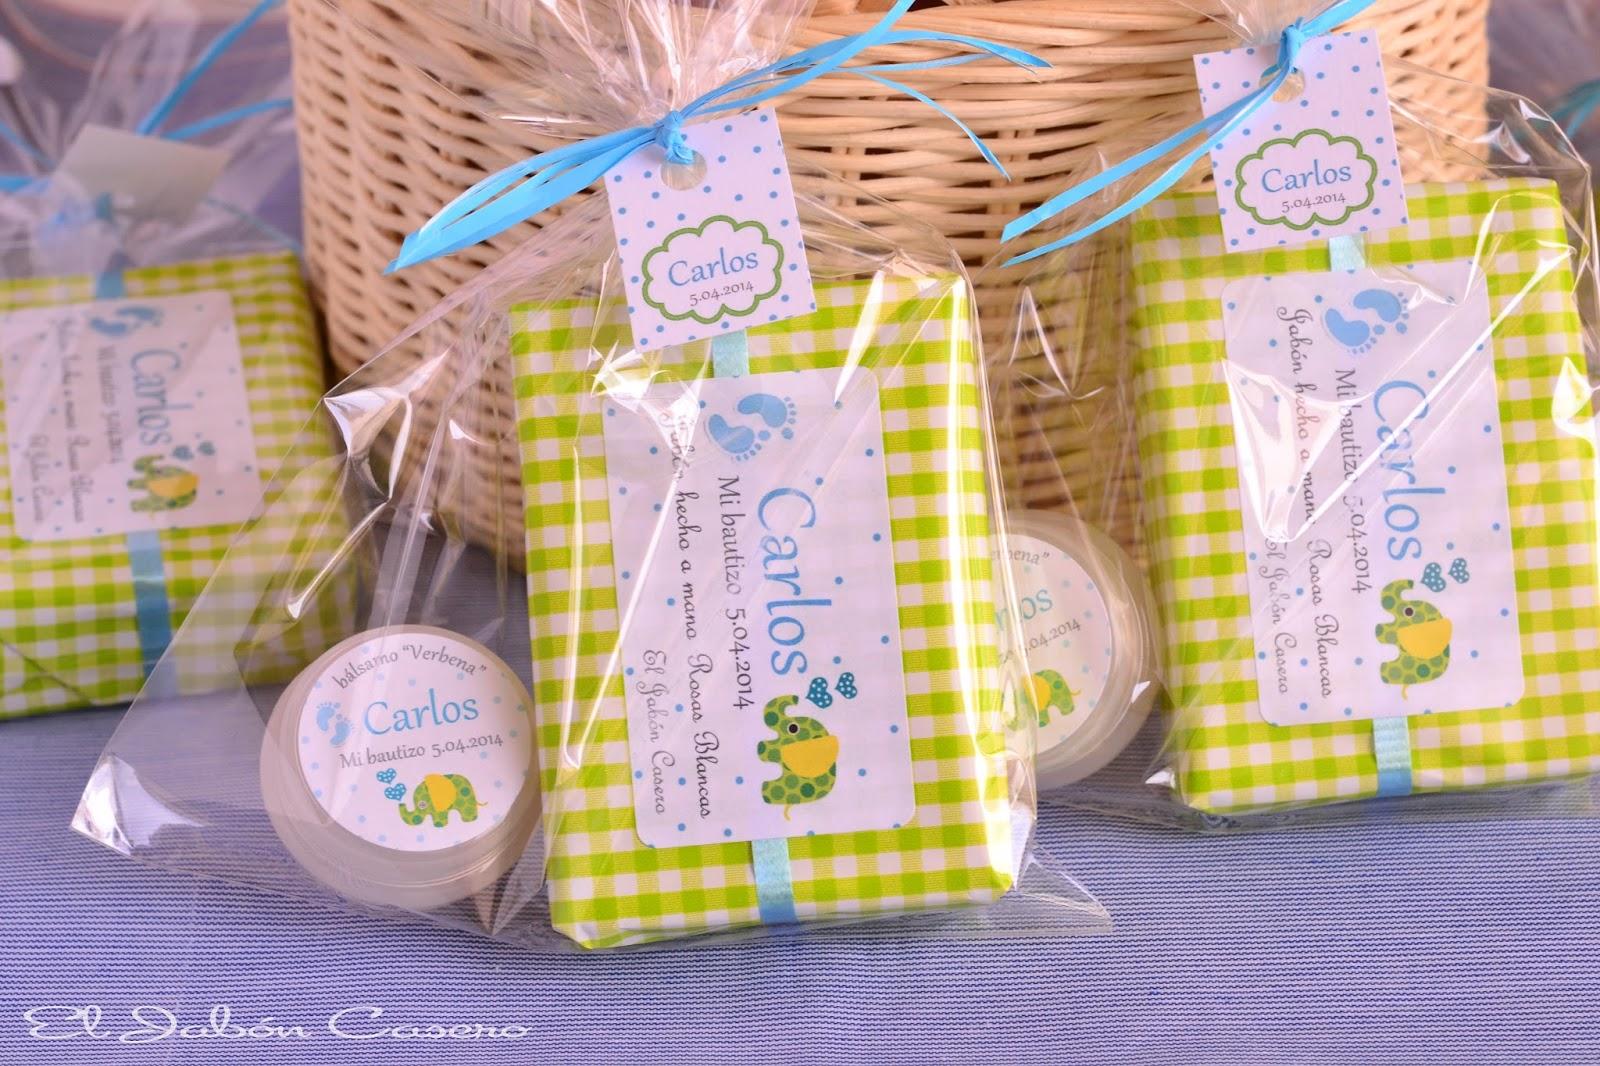 Bautizos detalles personalizados velas jabones y b lsamos - Que regalar en un bautizo ...